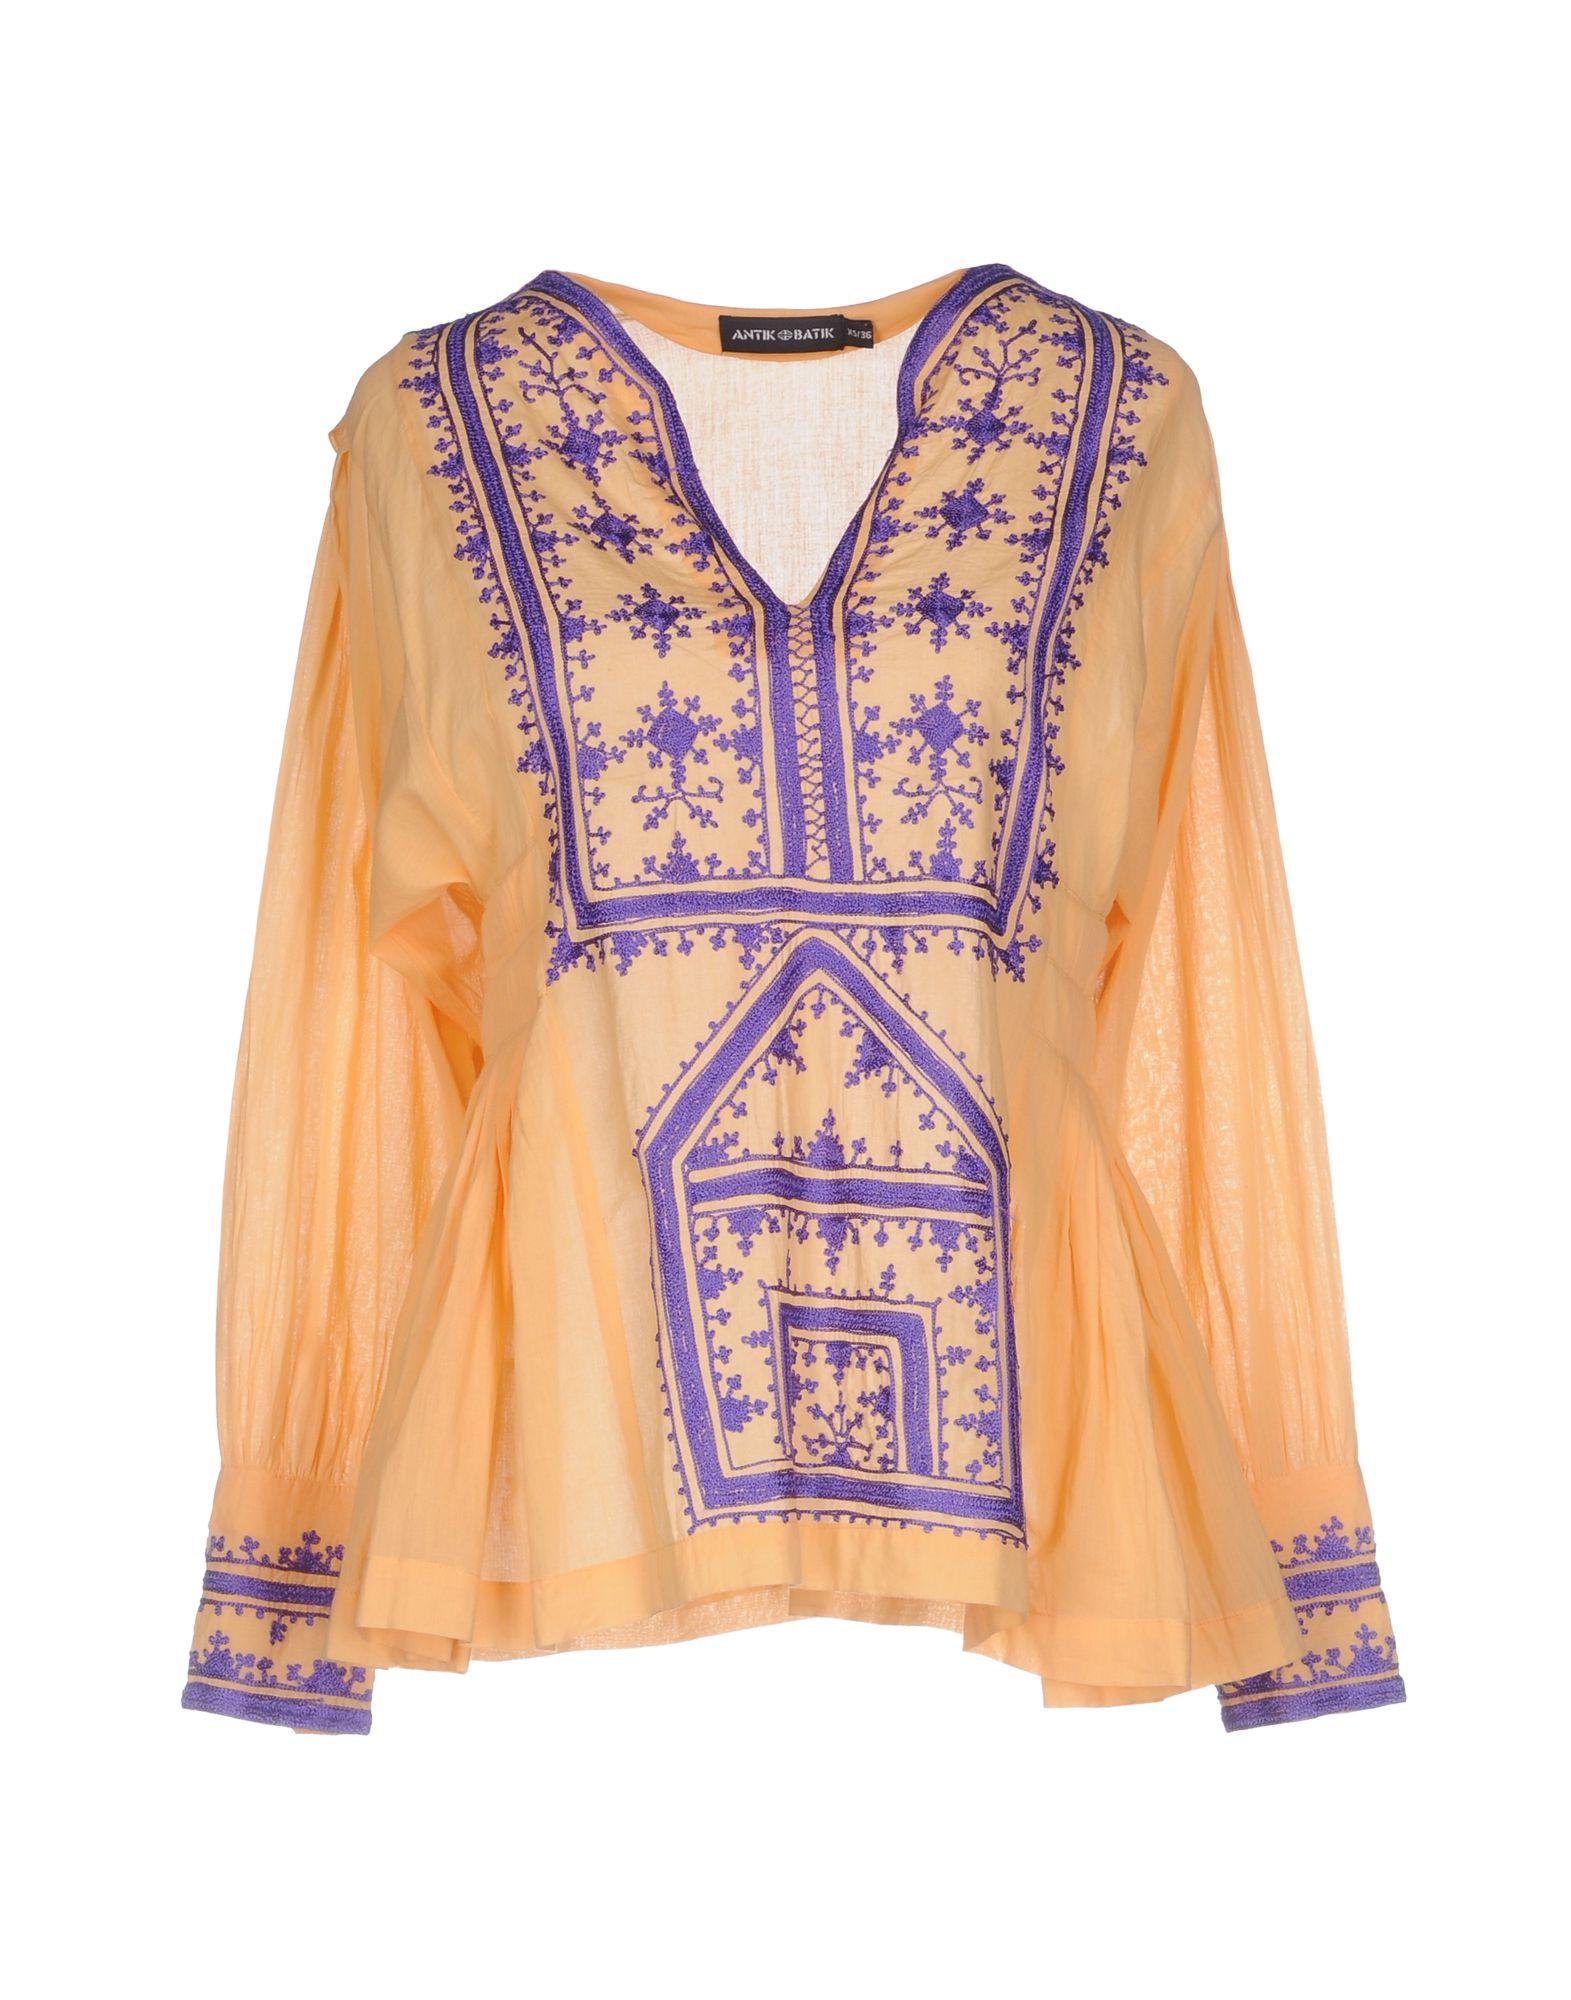 где купить ANTIK BATIK Блузка по лучшей цене